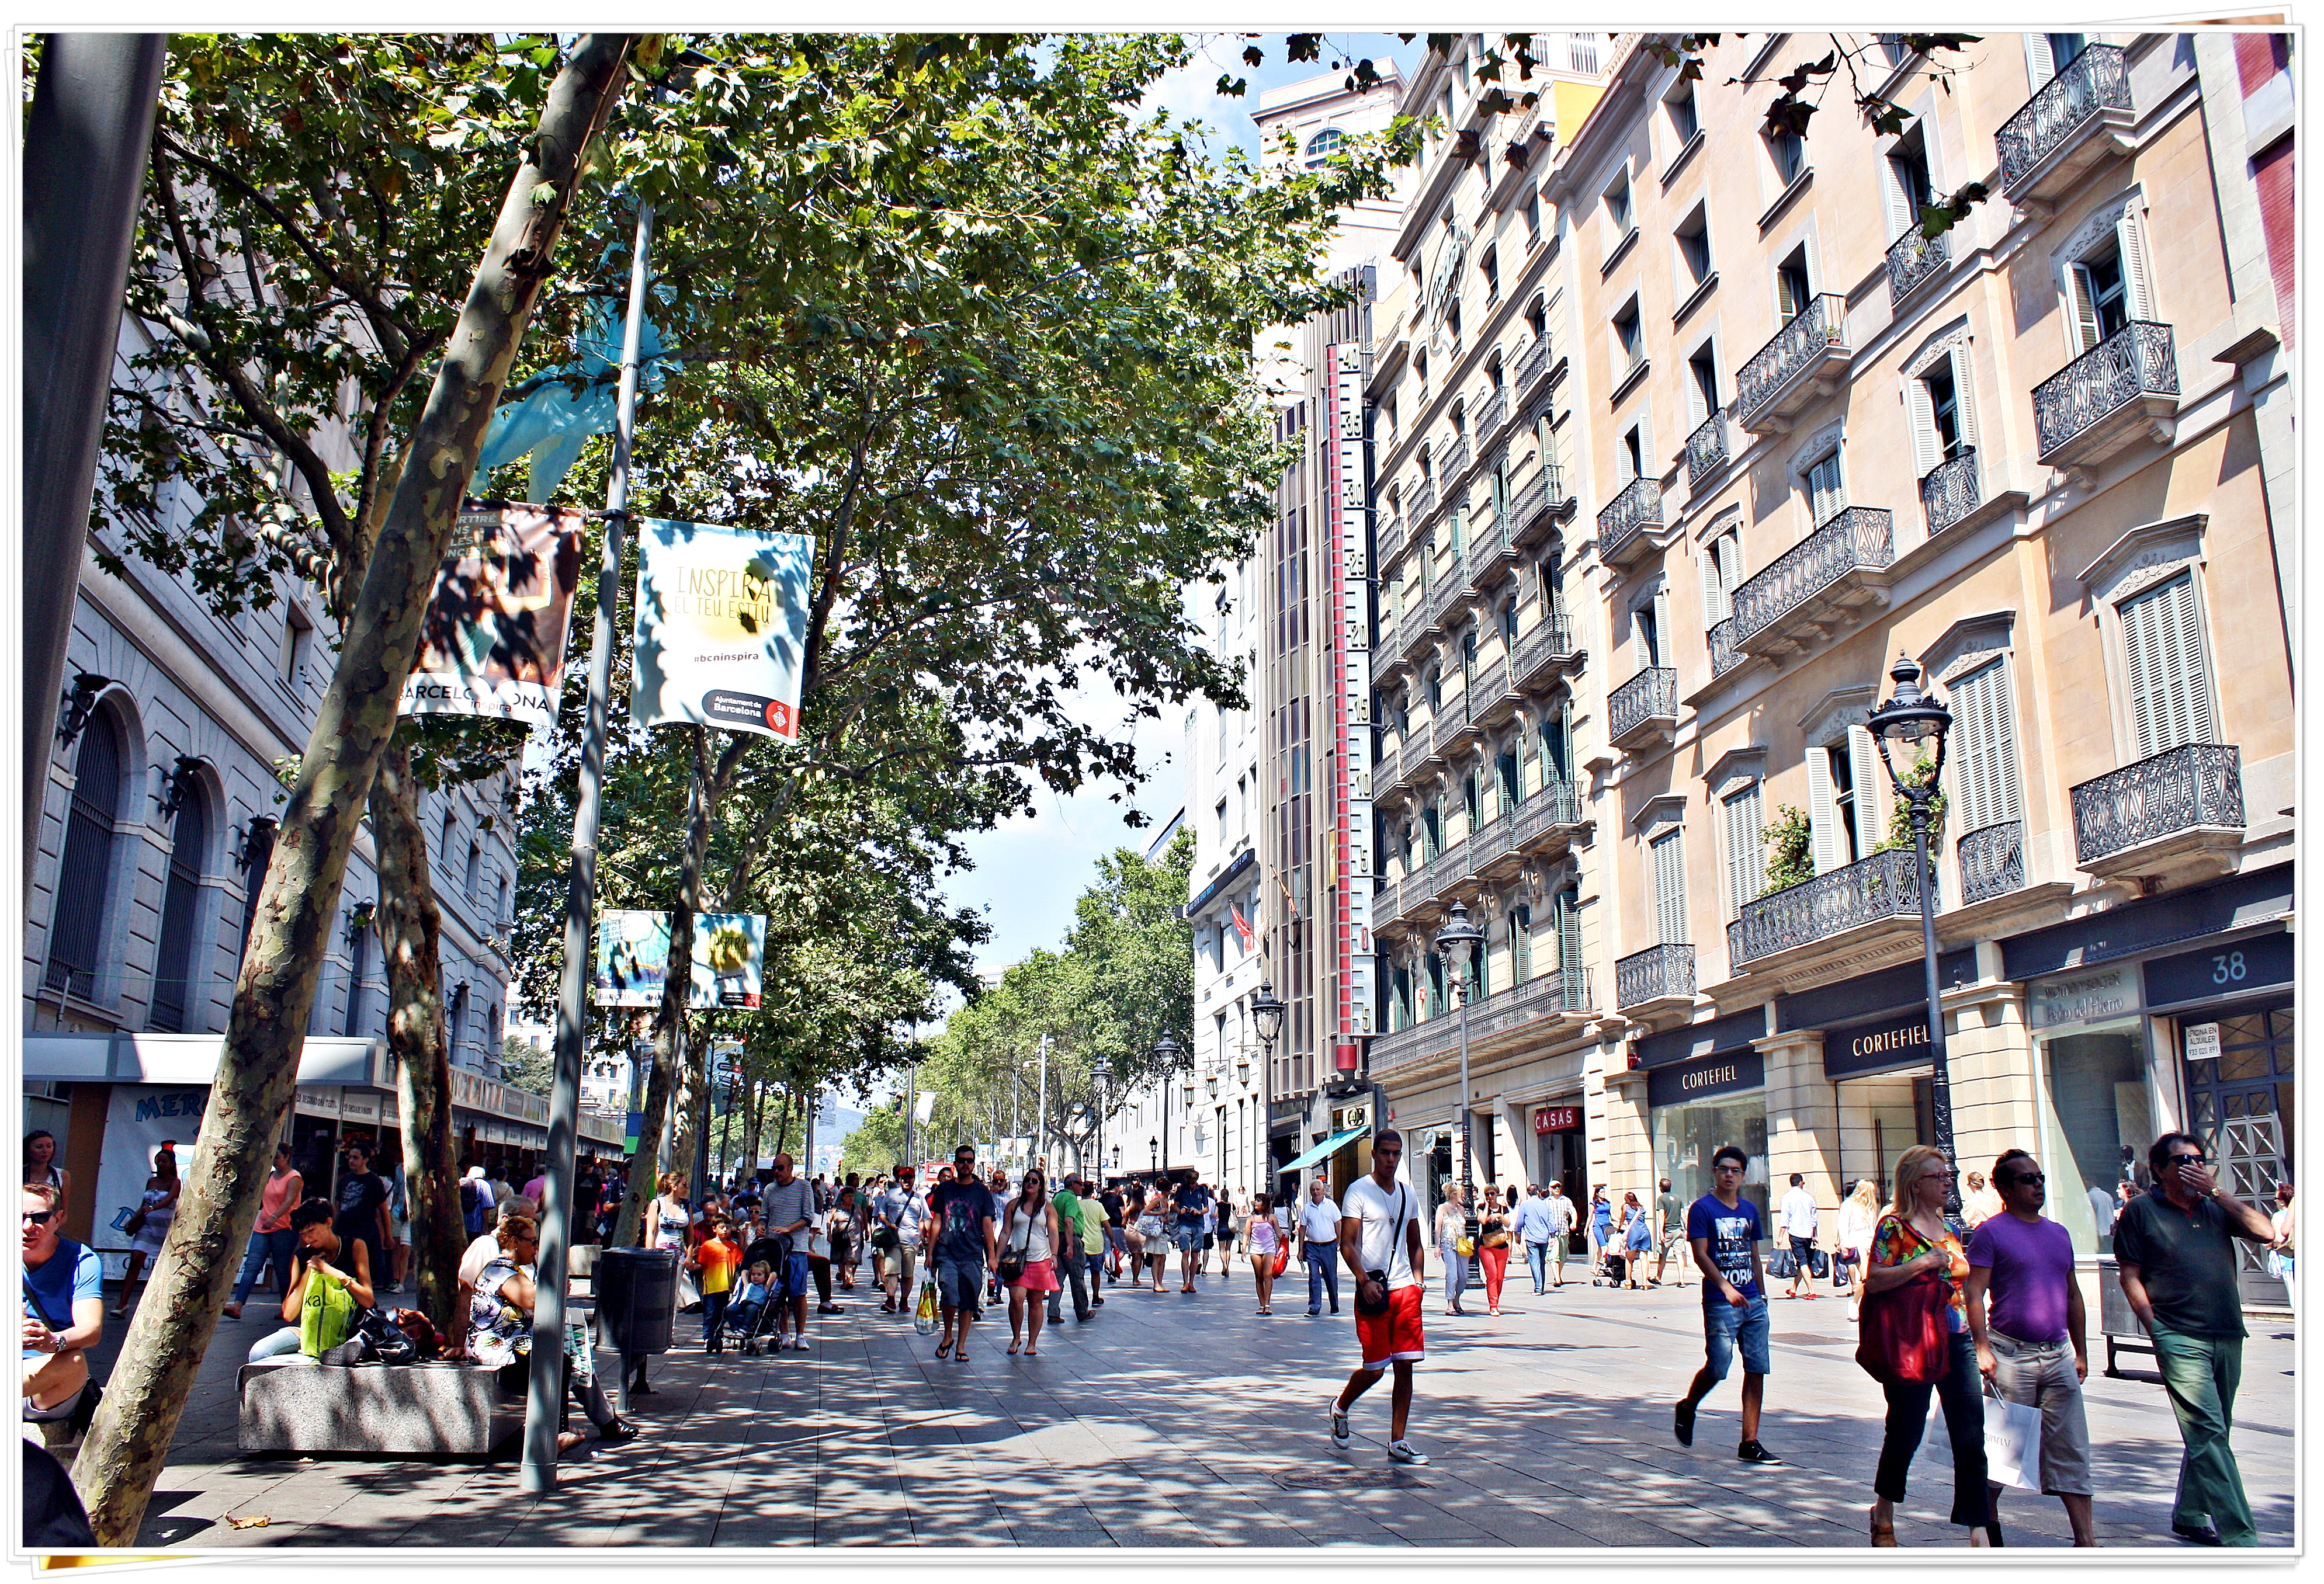 La Rambla - Barcelona, Spain 2013